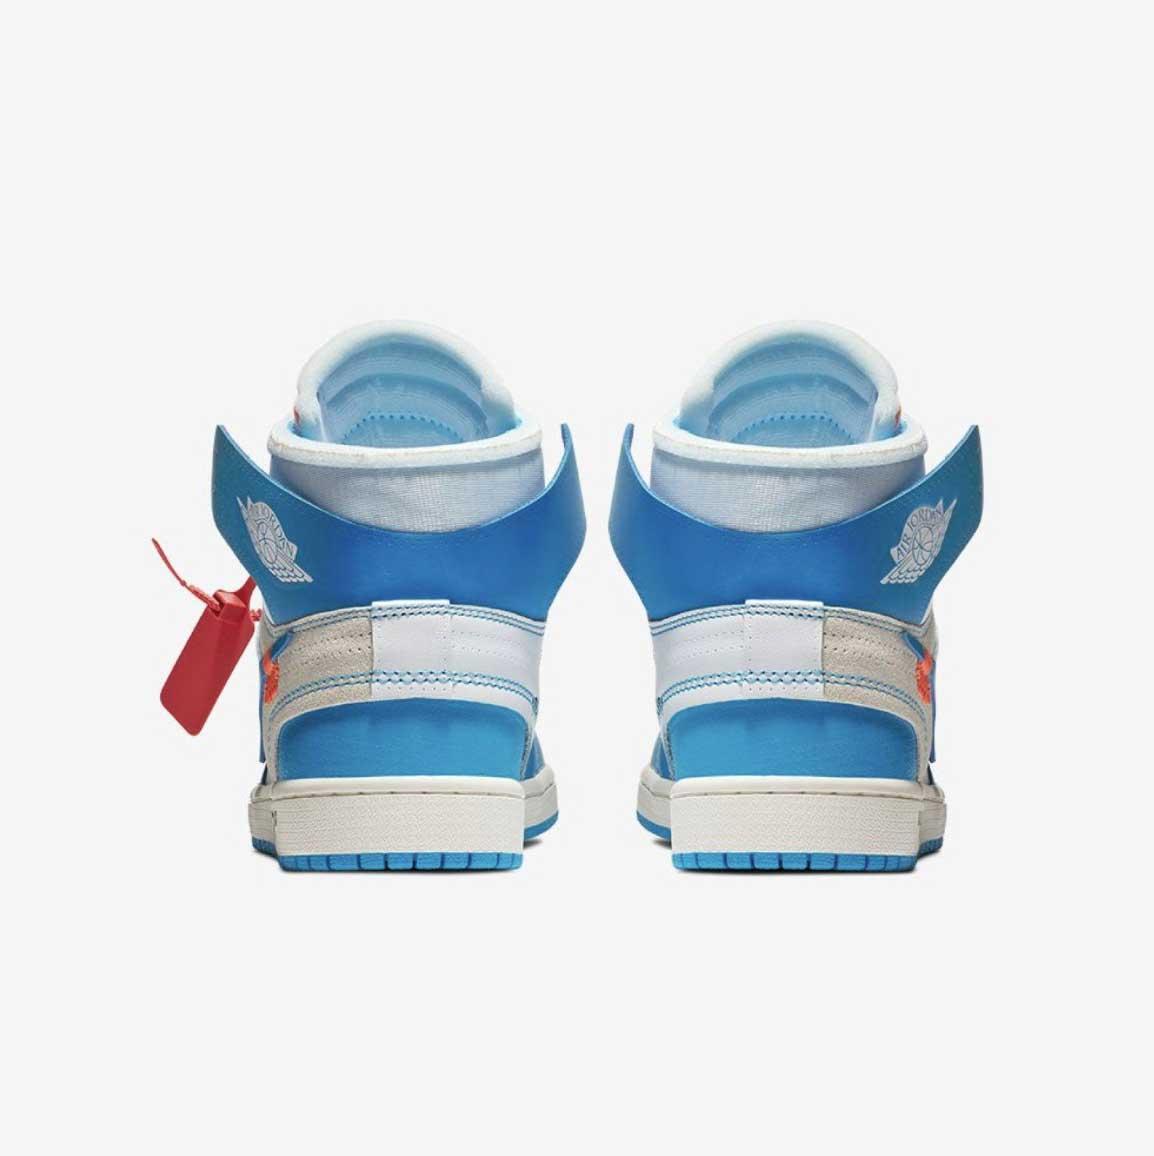 オフホワイト×ナイキ エアジョーダン1 UNC ホワイト/ダークパウダー ブルー【6/23発売】